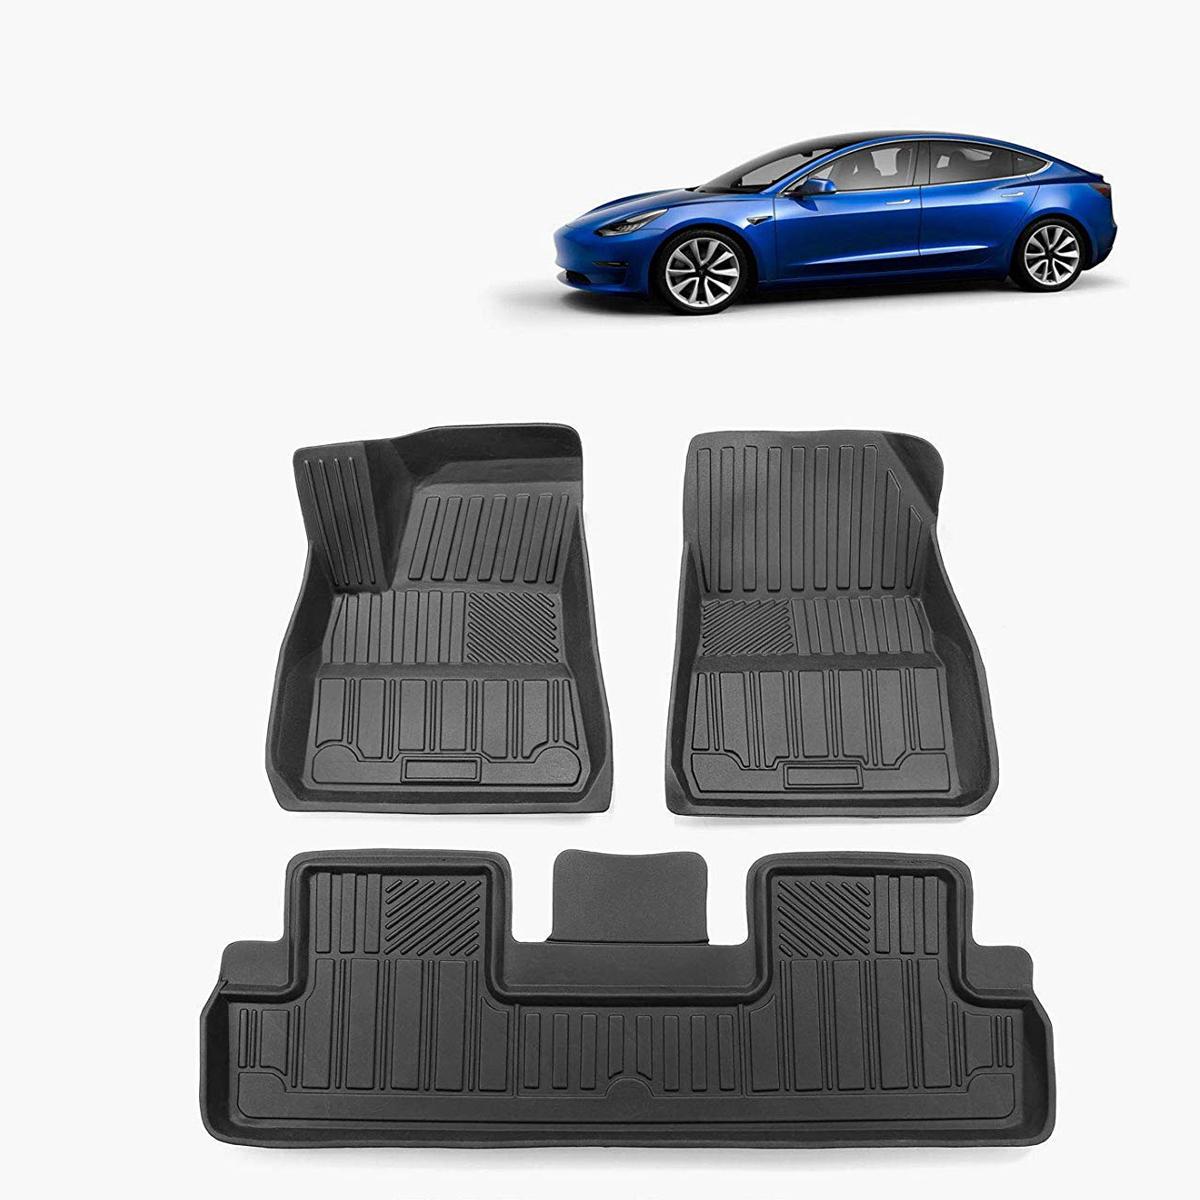 टेस्ला मॉडल 3 ऑल-वेदर फिट्स के लिए ब्लैक टीपीई वाटरप्रूफ कार फ्लोर मैट